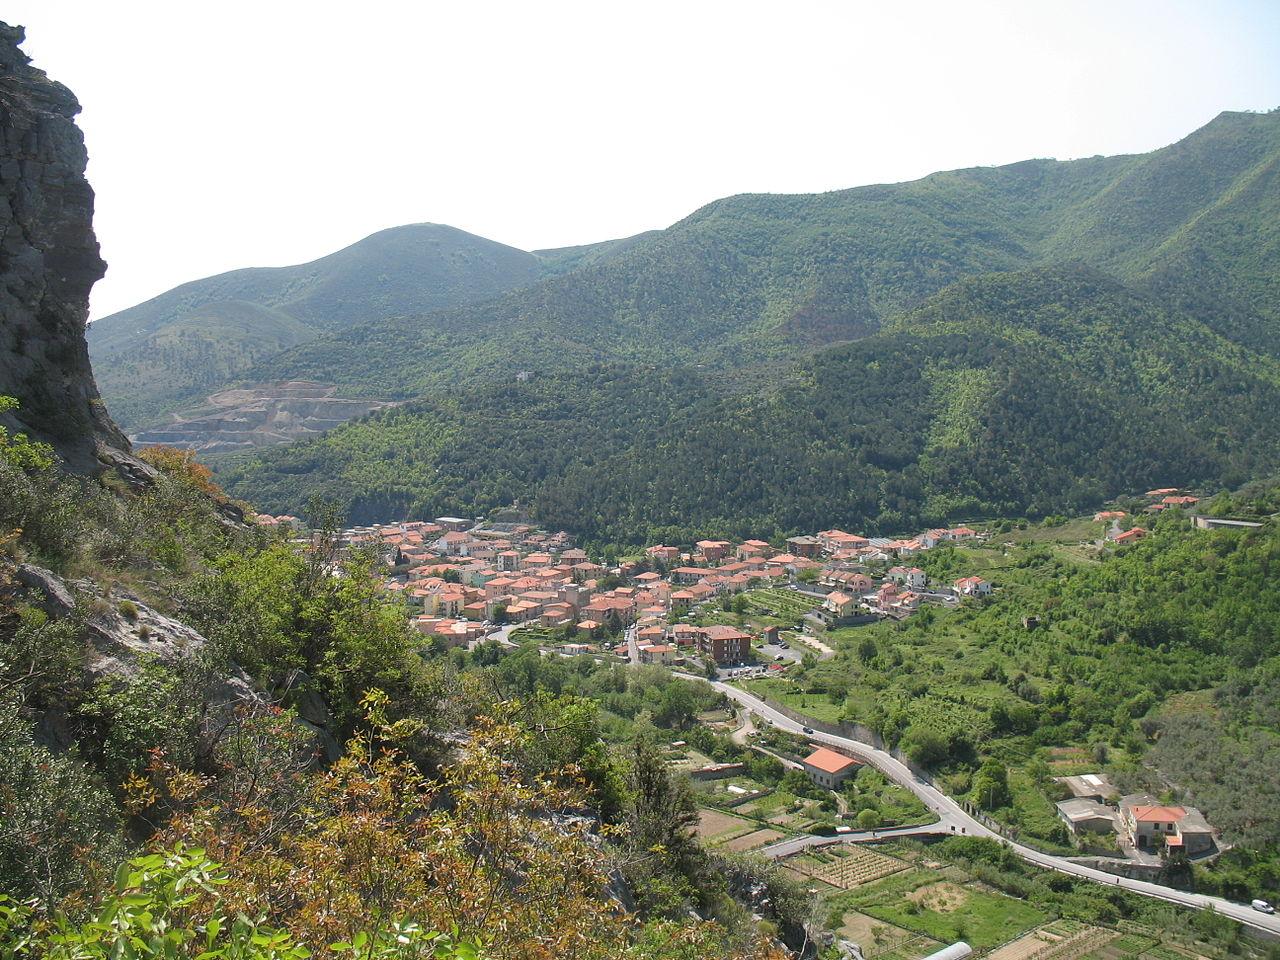 Immagine: Panorama di Toirano.